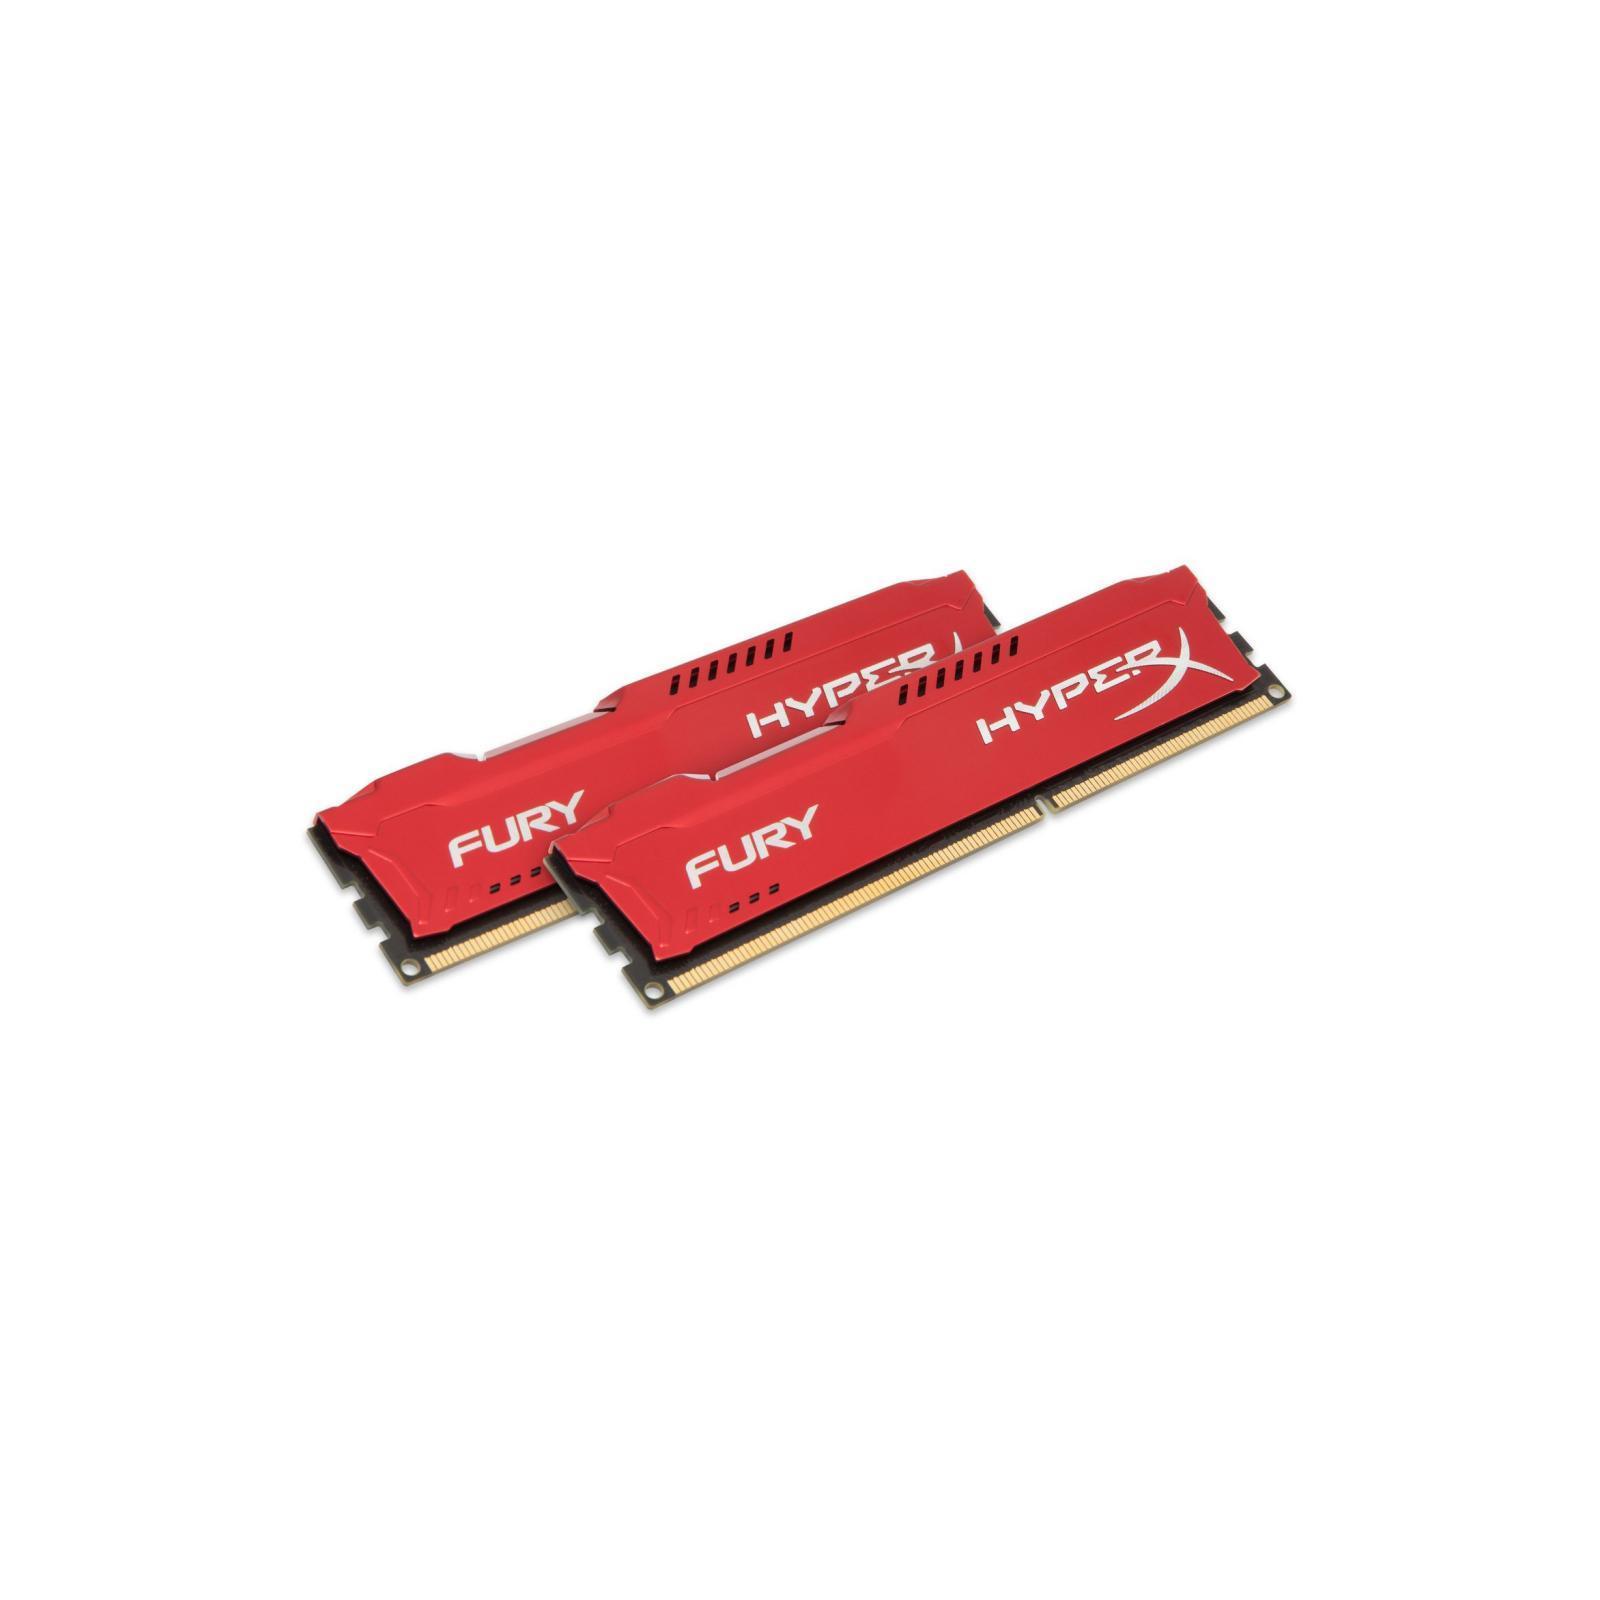 Модуль памяти для компьютера DDR4 16GB (2x8GB) 3200 MHz HyperX FURY Red HyperX (Kingston Fury) (HX432C18FR2K2/16) изображение 2